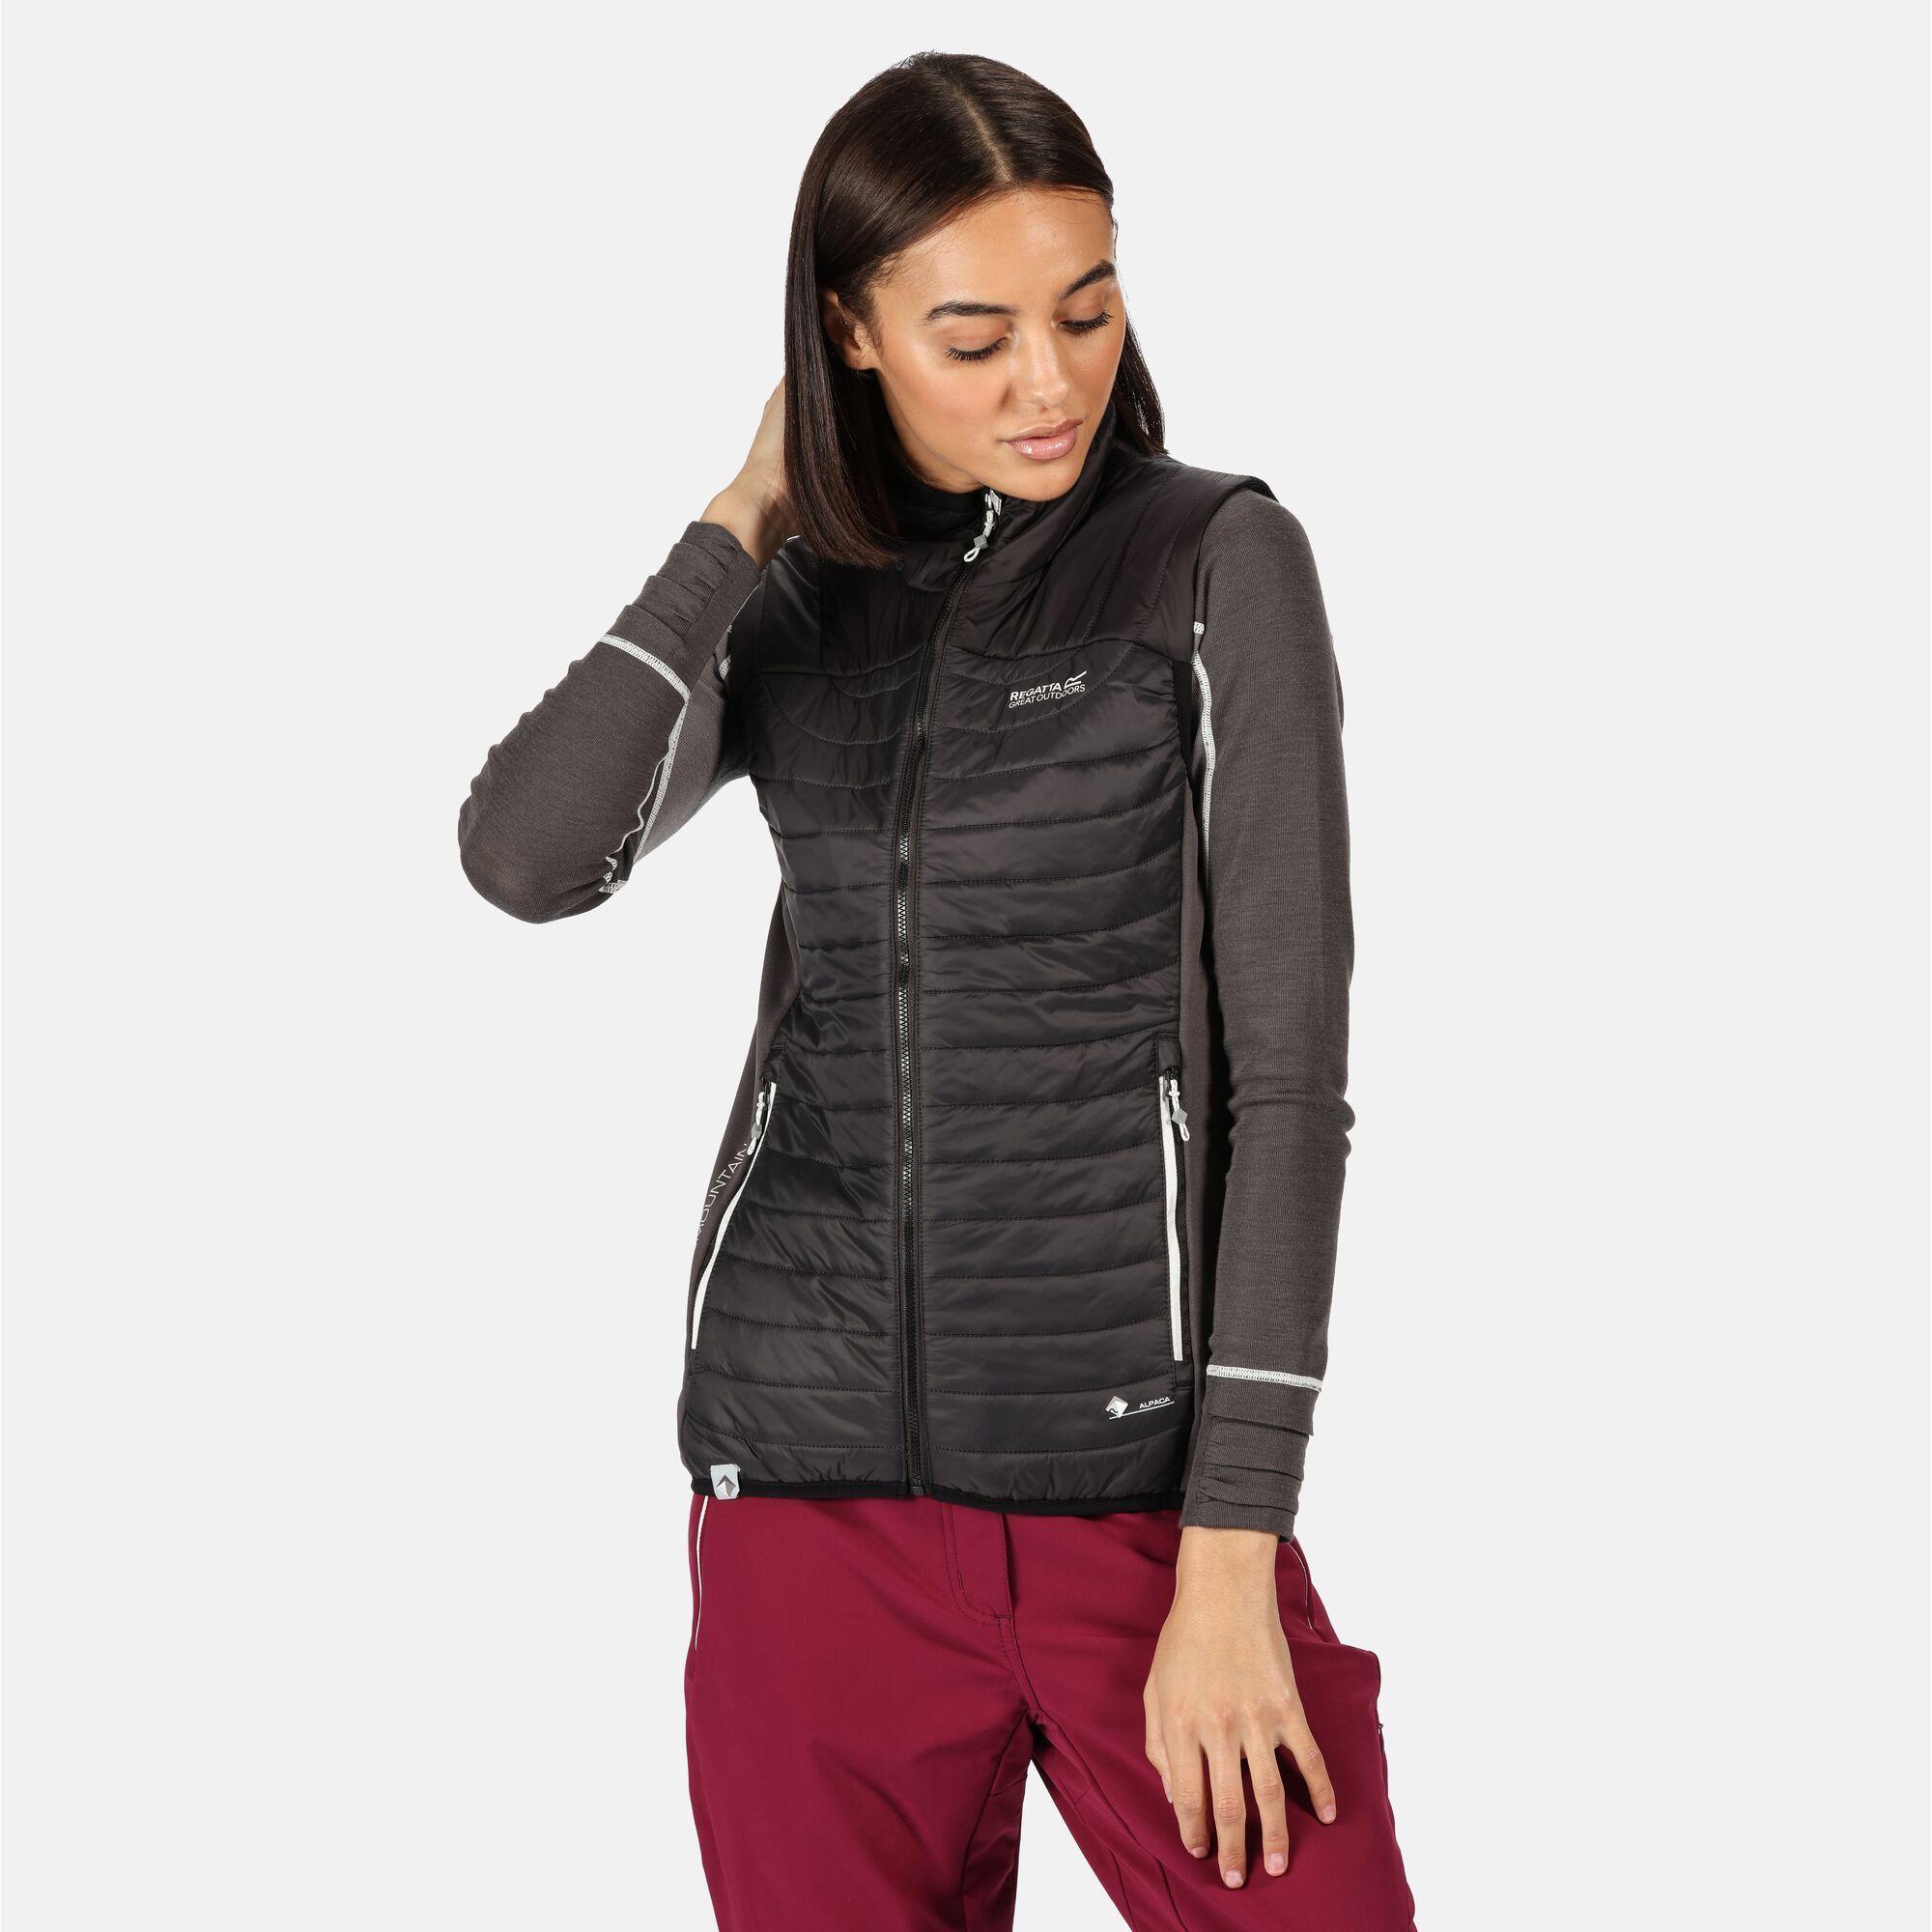 Regatta Womens/Ladies Halton III Hybrid Insulated Walking Body Warmer (Ash/Black)